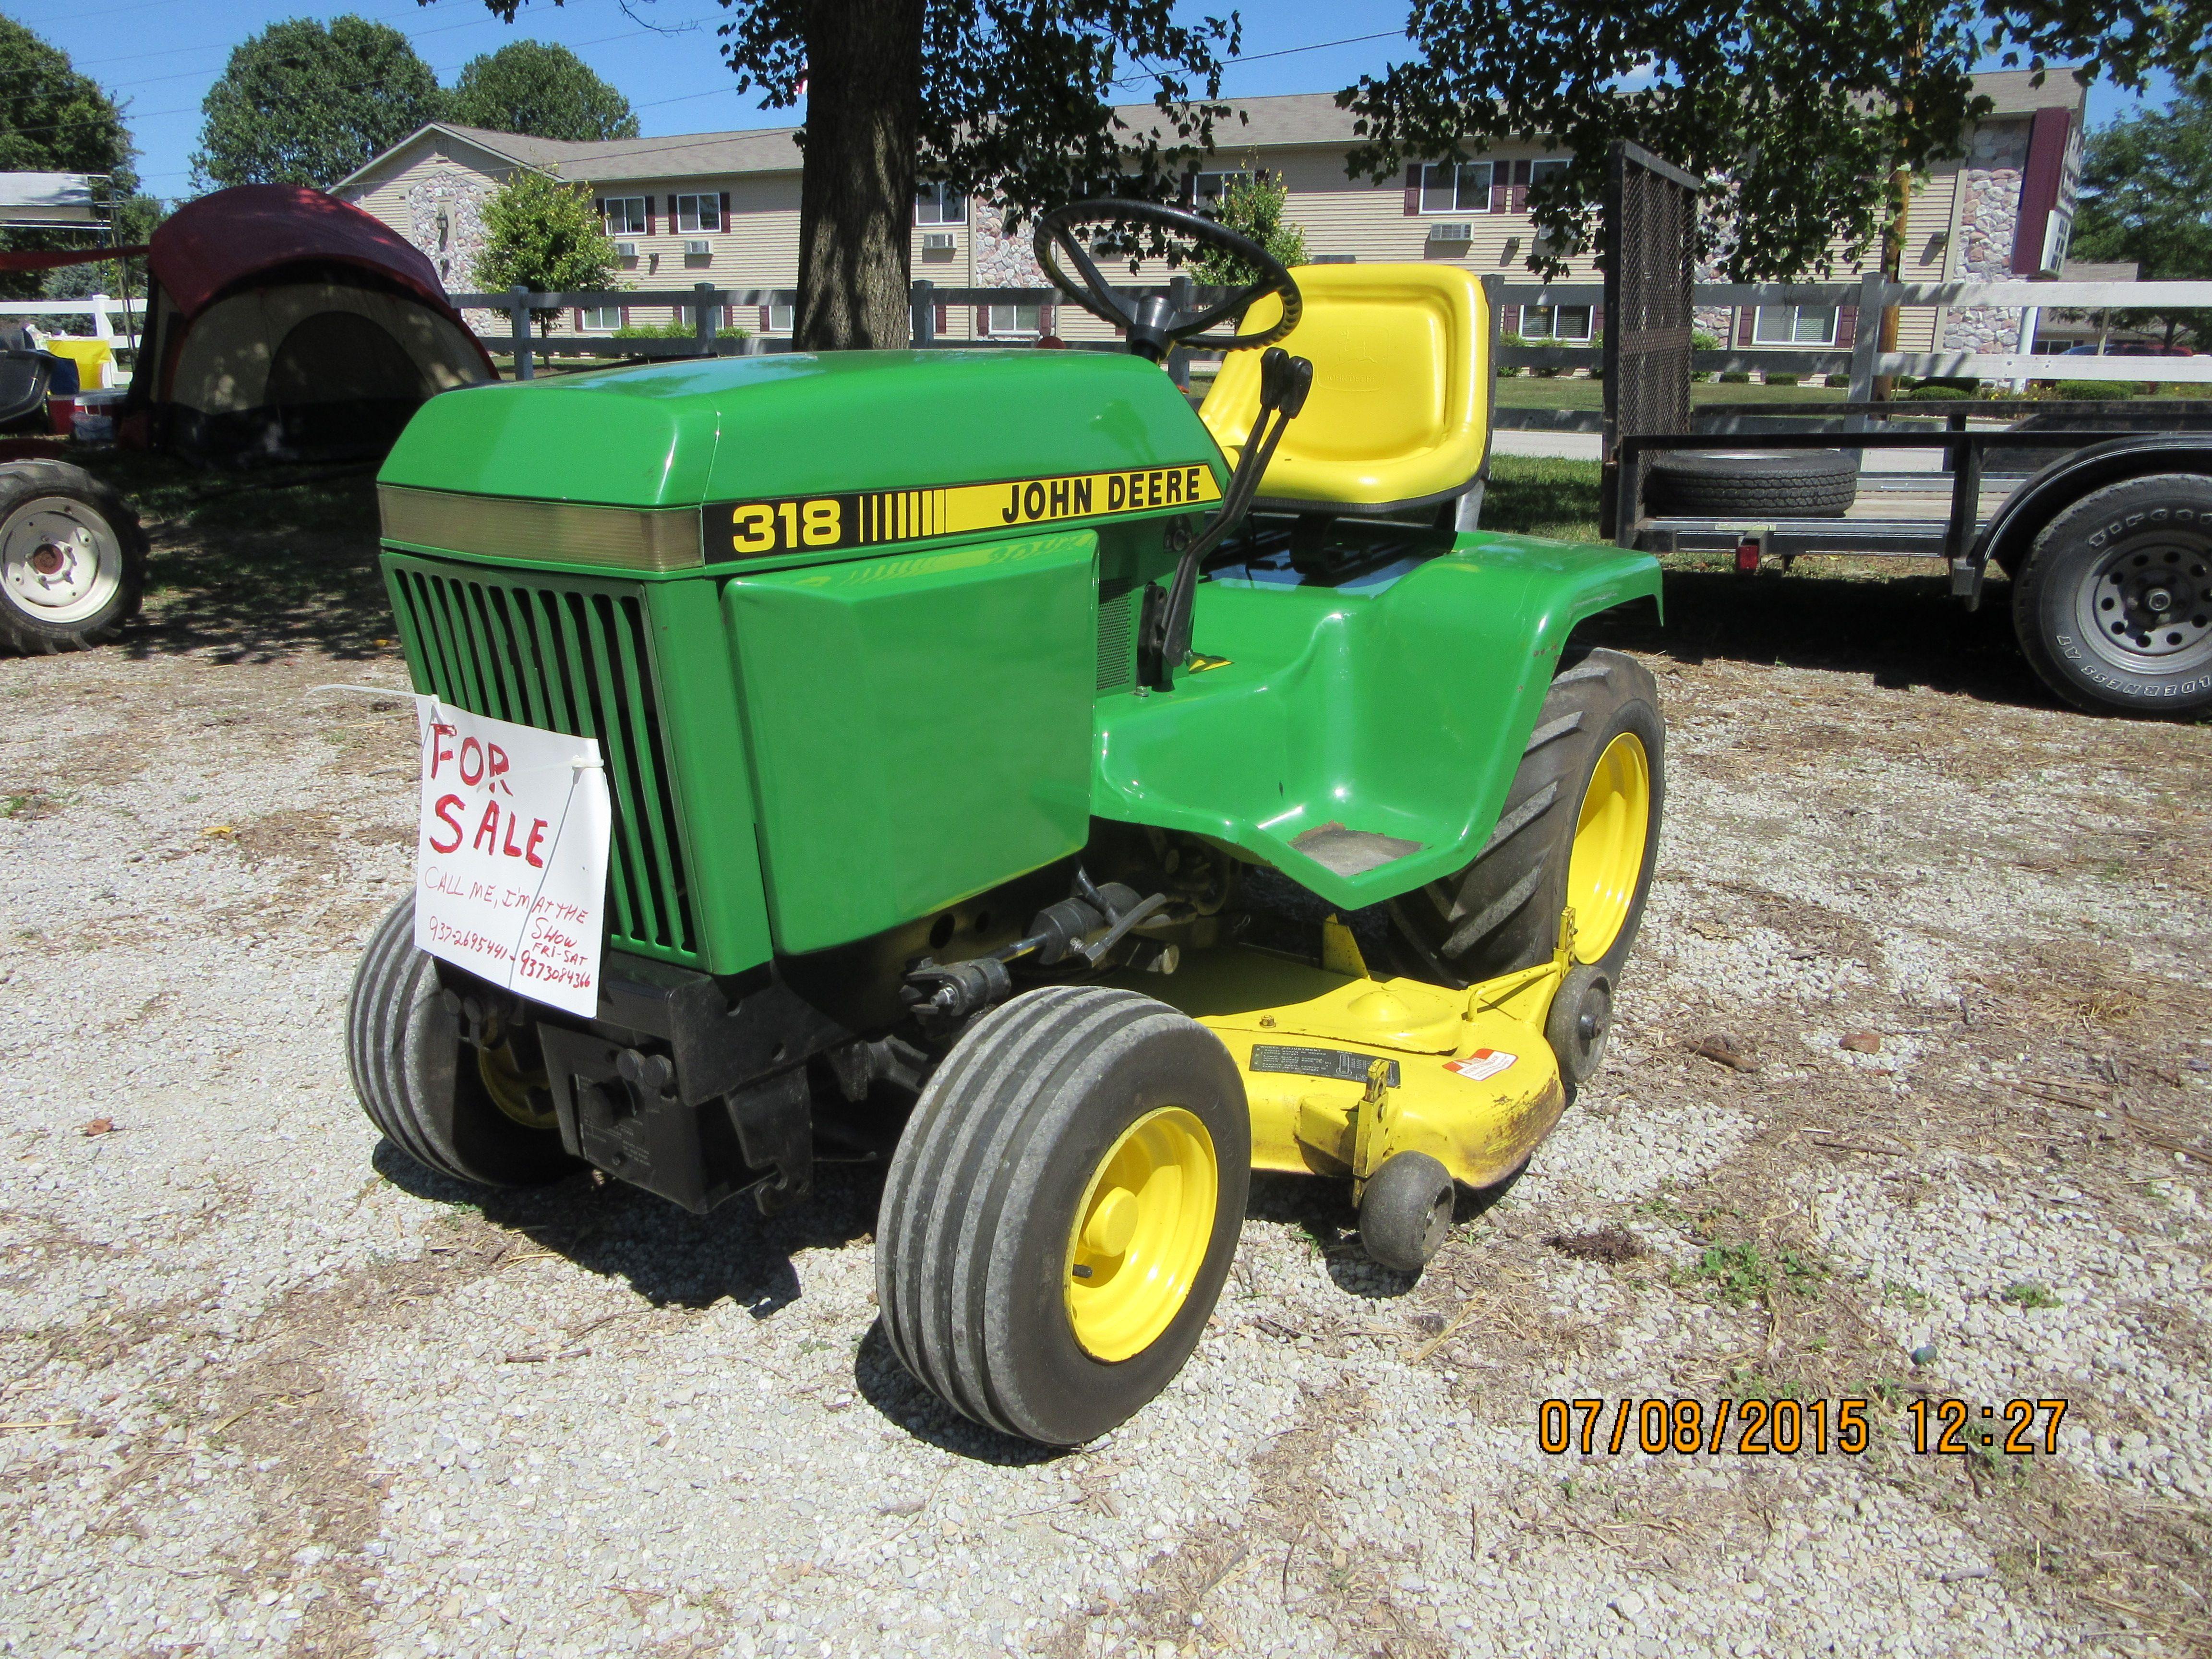 John Deere Lawn Tractor Equipment : John deere garden tractor equipment